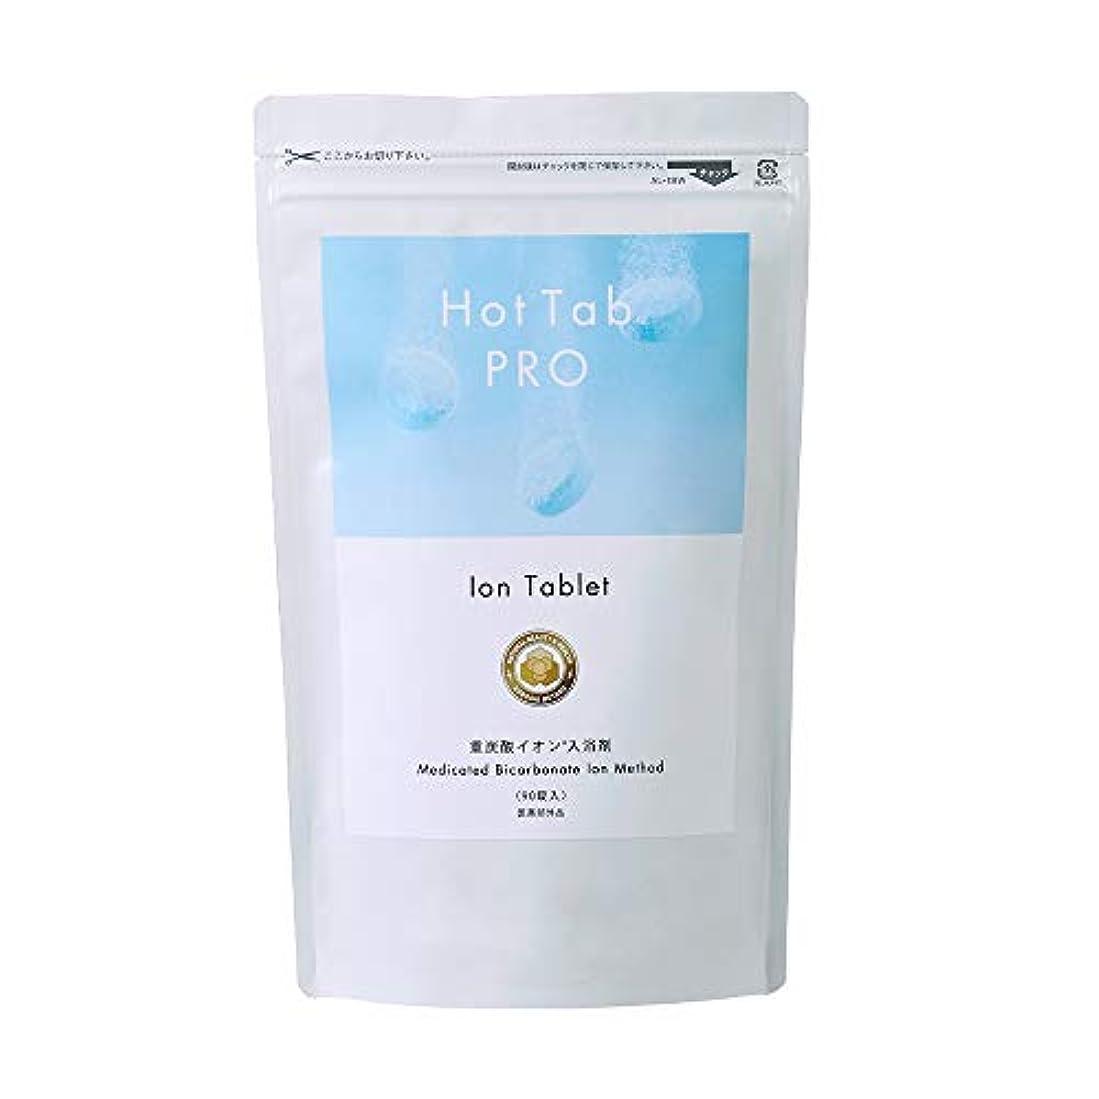 クロス更新するヤング最新型 日本製なめらか重炭酸入浴剤「ホットタブPro」(デリケートな肌でも安心 無香料 無着色 中性pH) (お得な90錠セット)